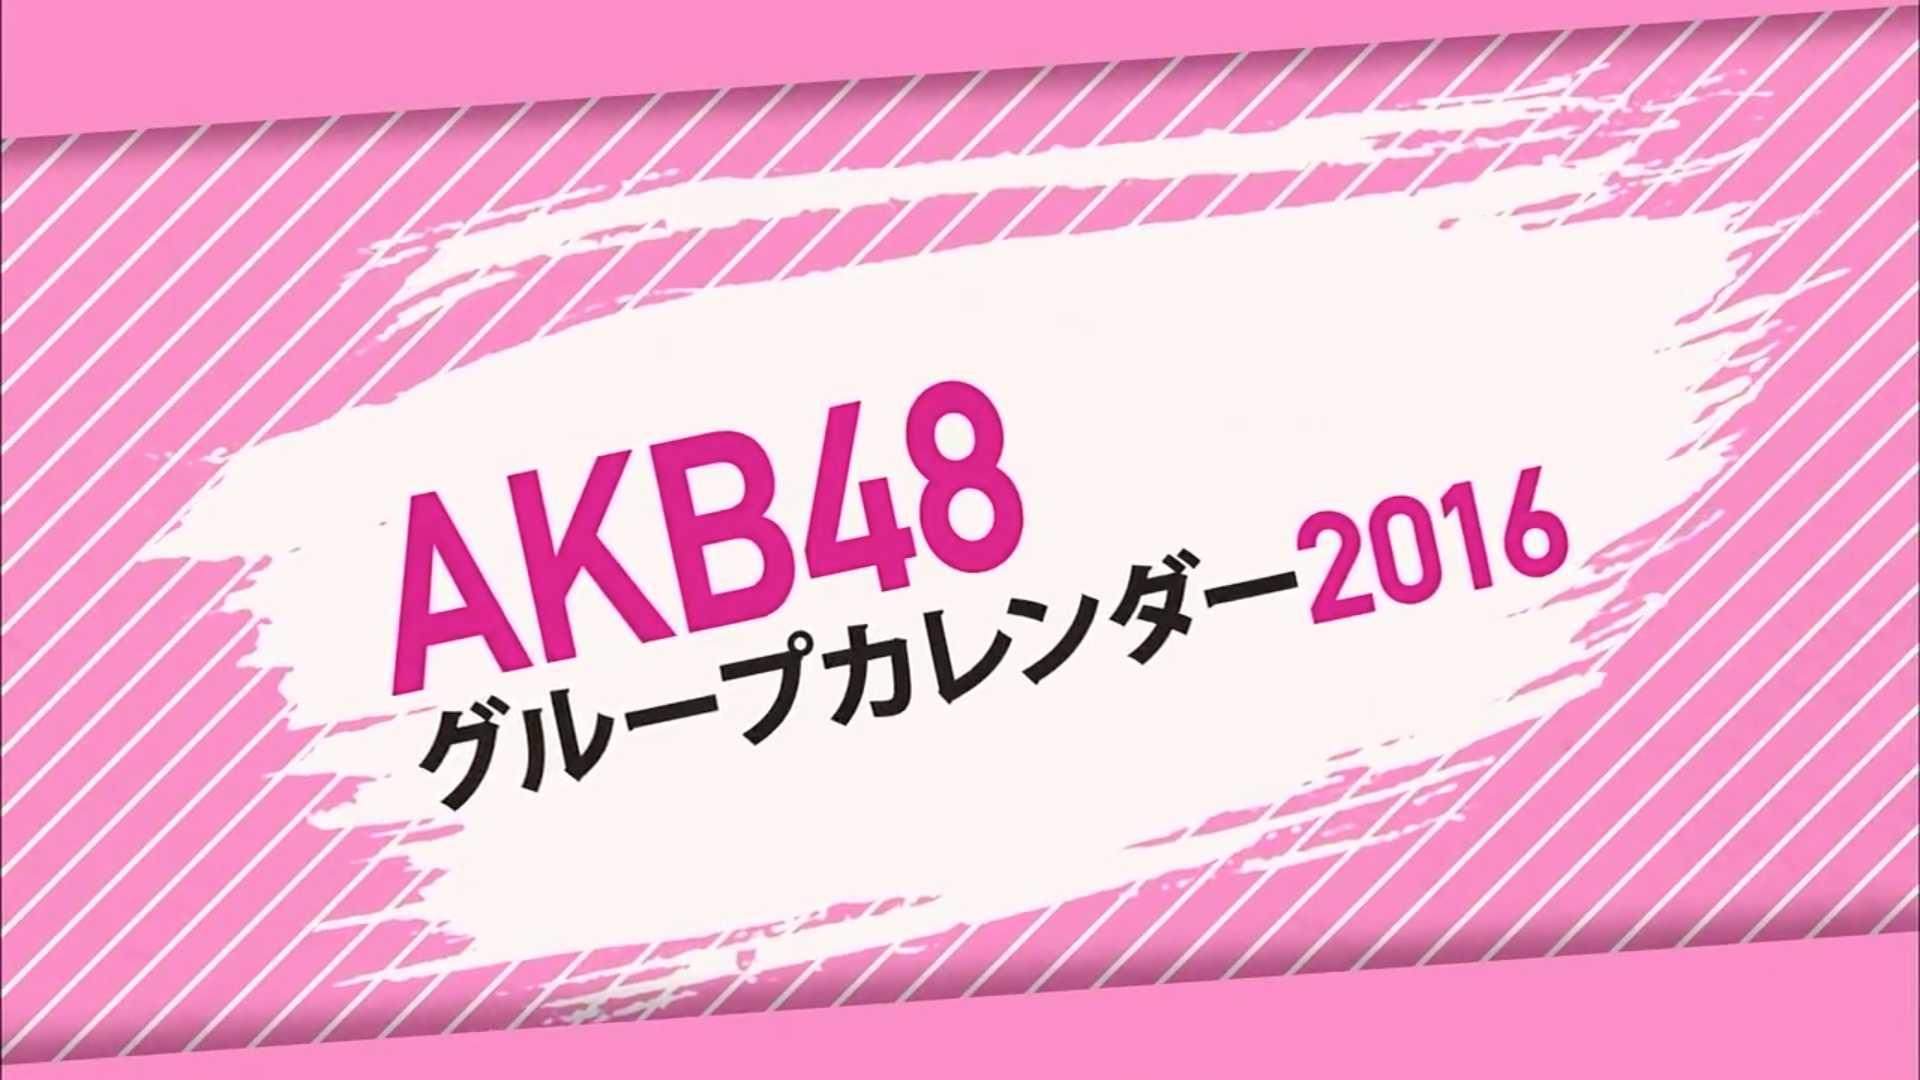 akb48 2016 calendar